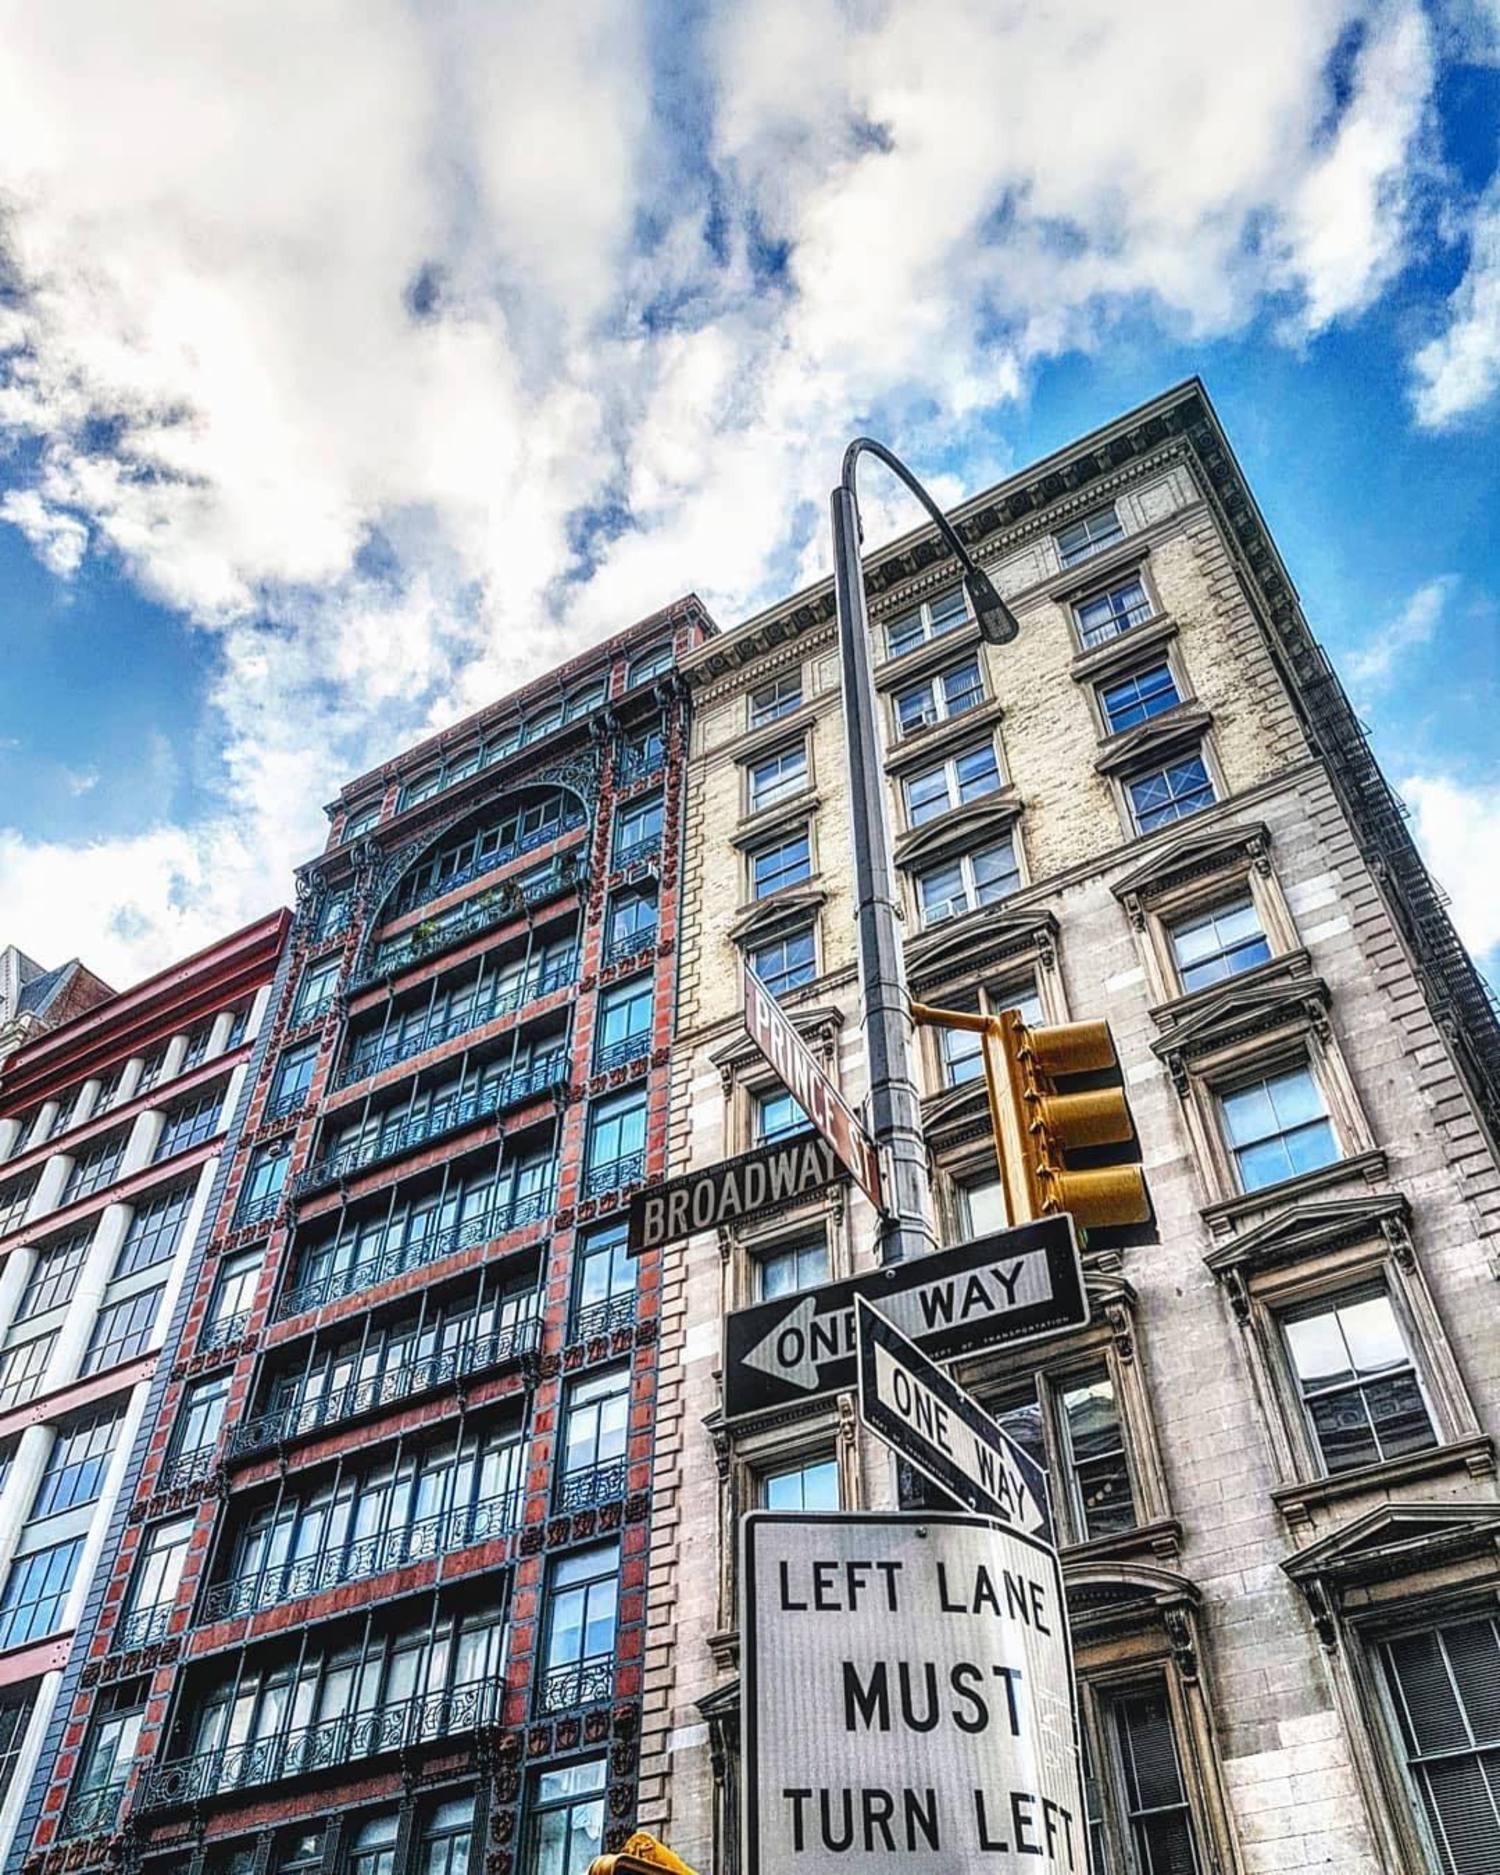 SoHo, Manhattan. Photo via @brunobrasileiro #viewingnyc #nyc #newyork #newyorkcity